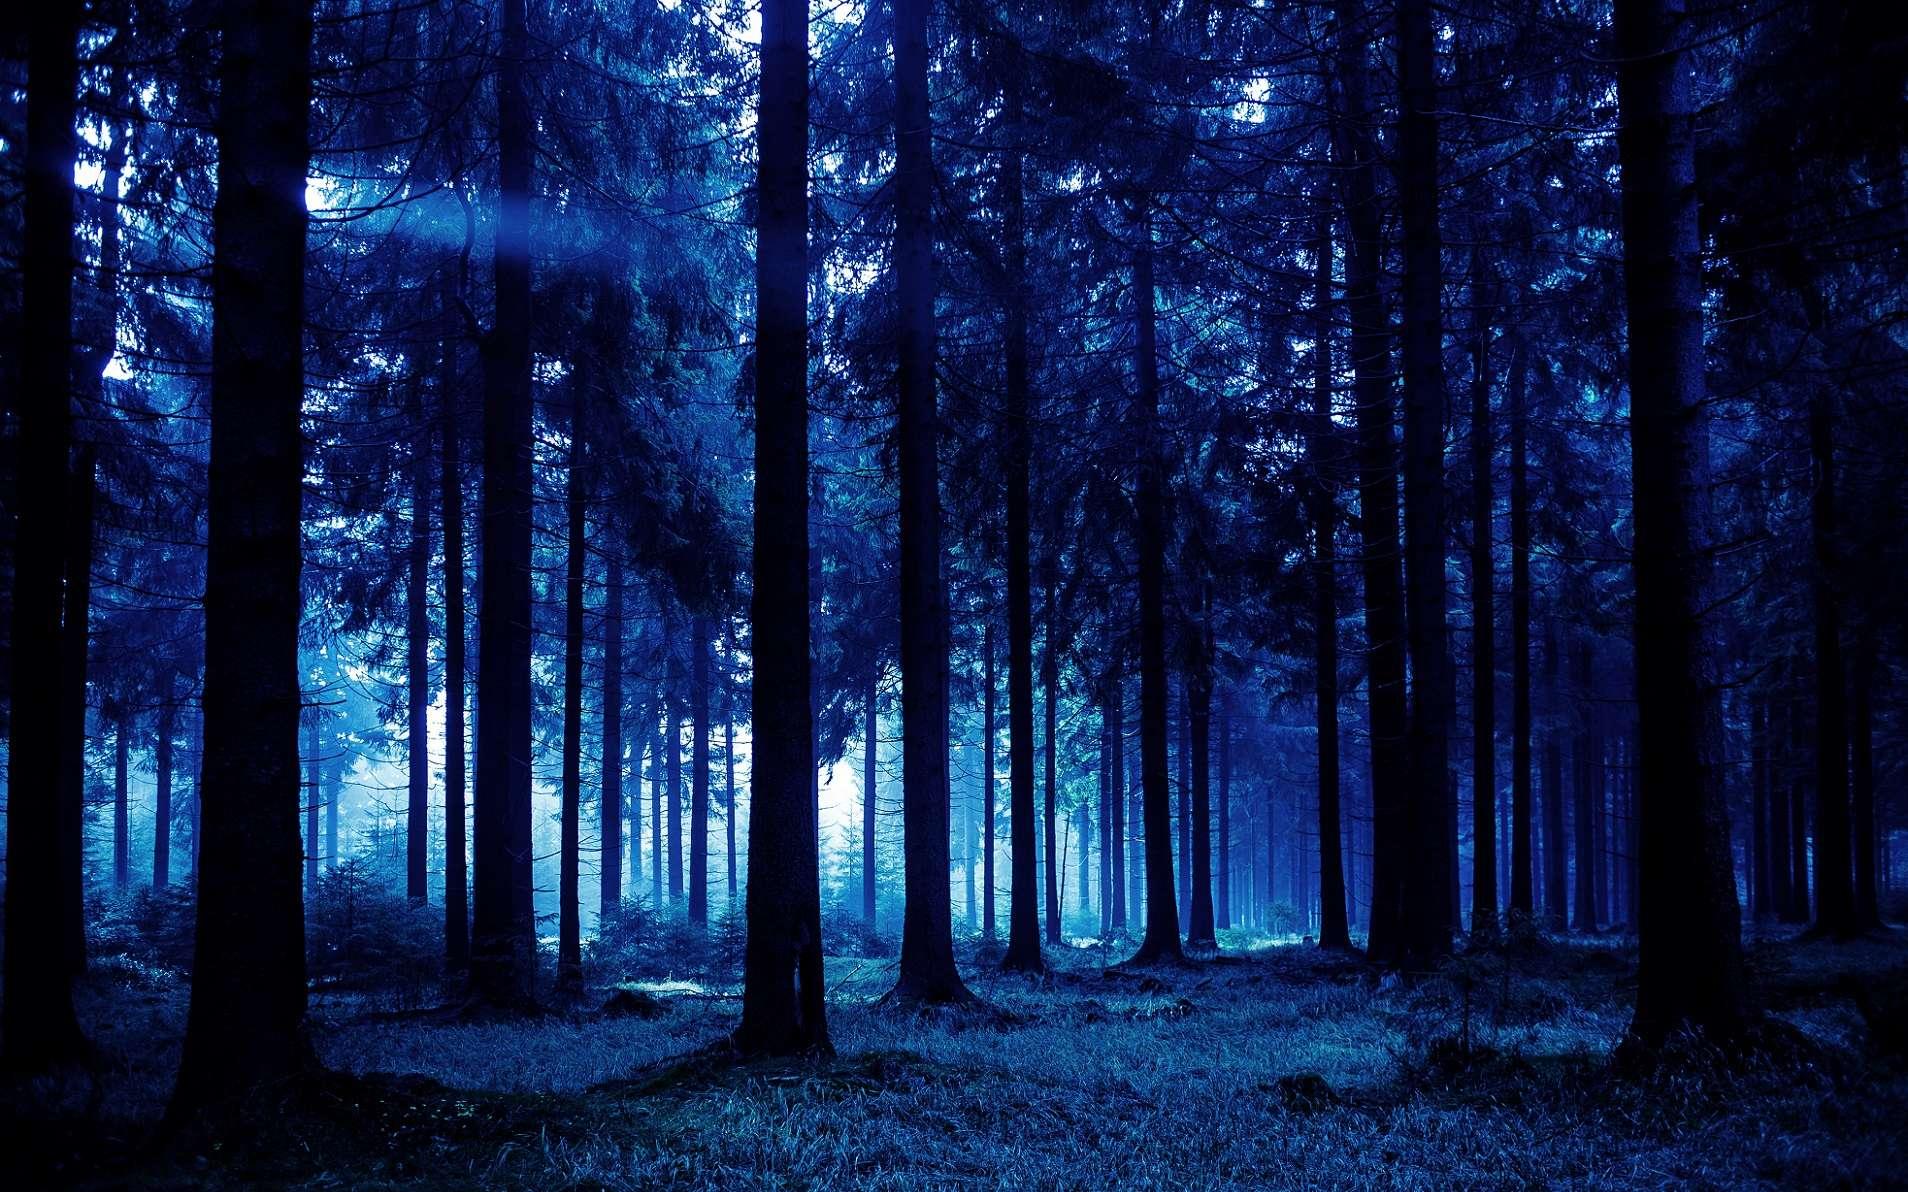 La nuit, les arbres baissent un peu leurs branches. © Val Thoermer, Shutterstock